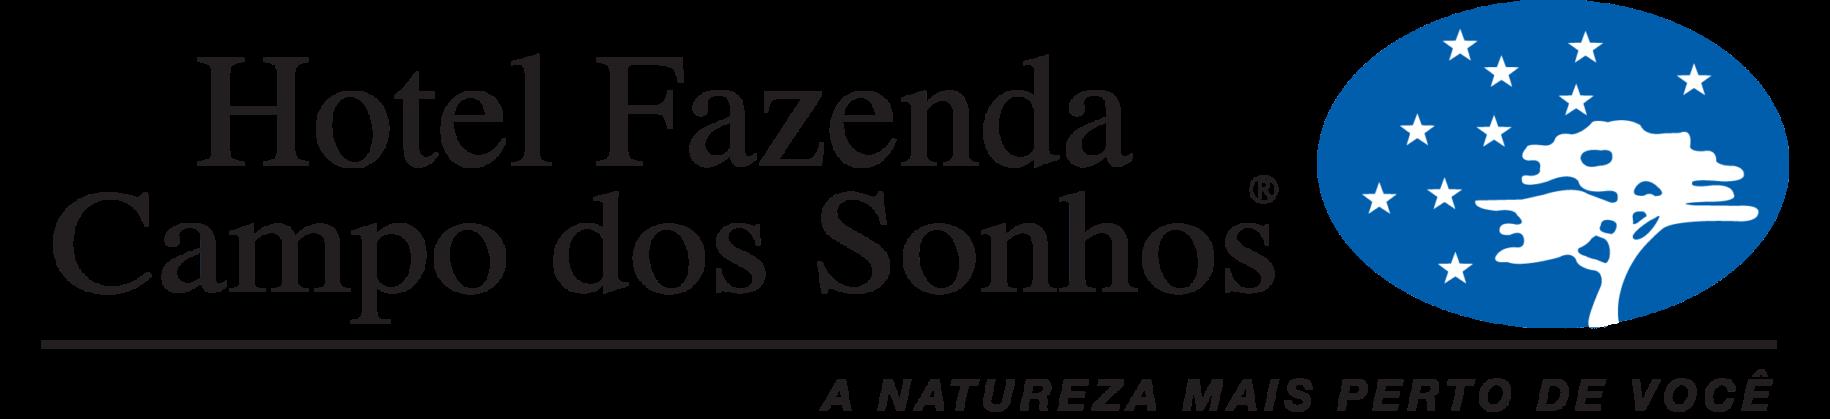 Logo do hotel fazenda campo dos sonhos